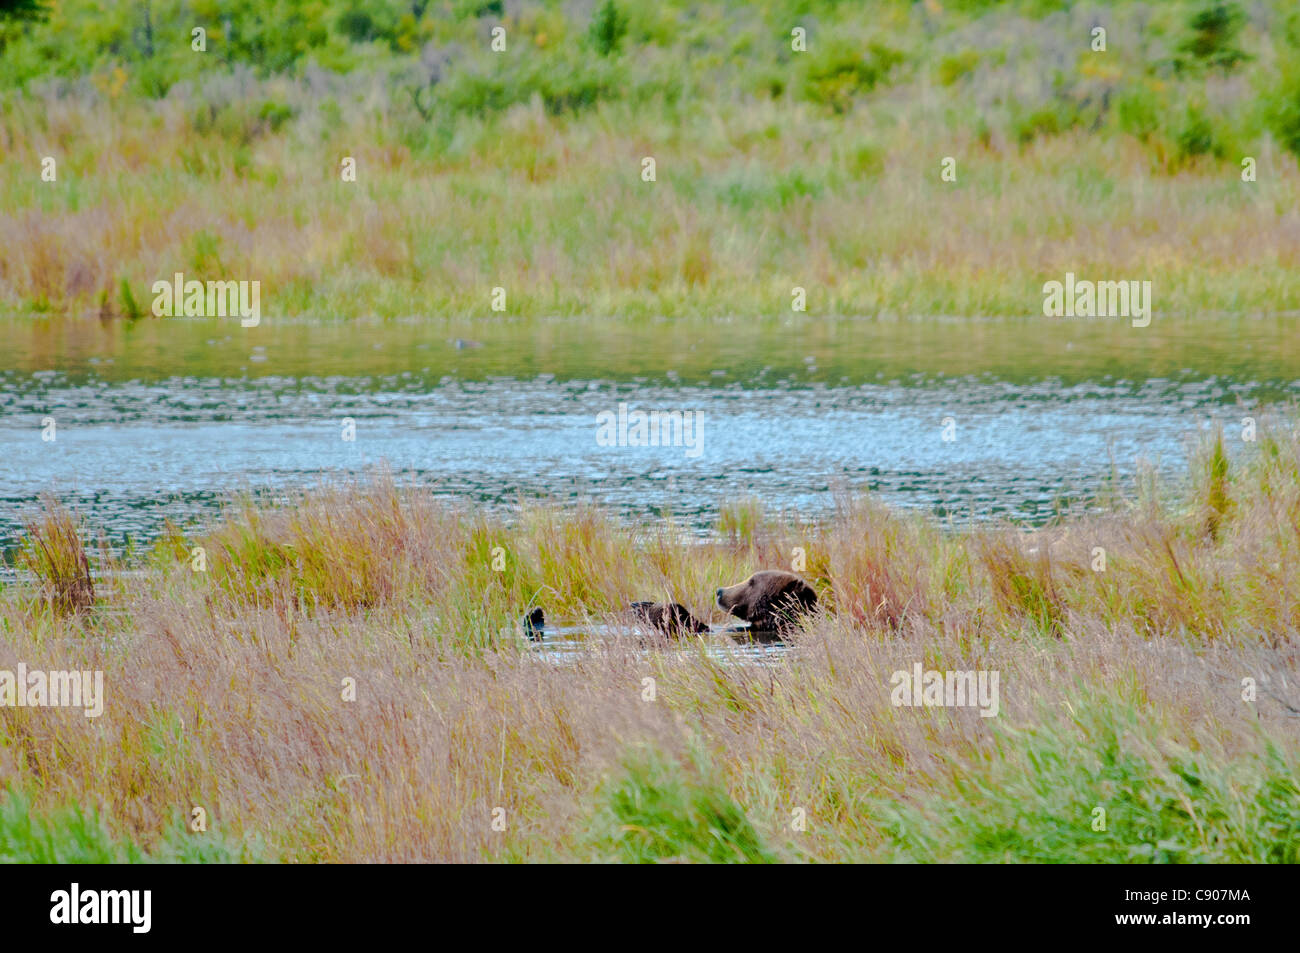 Grizzly Bear, Ursus arctos horriblis, relajante sobre su espalda en el Brooks River, Parque Nacional Katmai, Alaska, Imagen De Stock